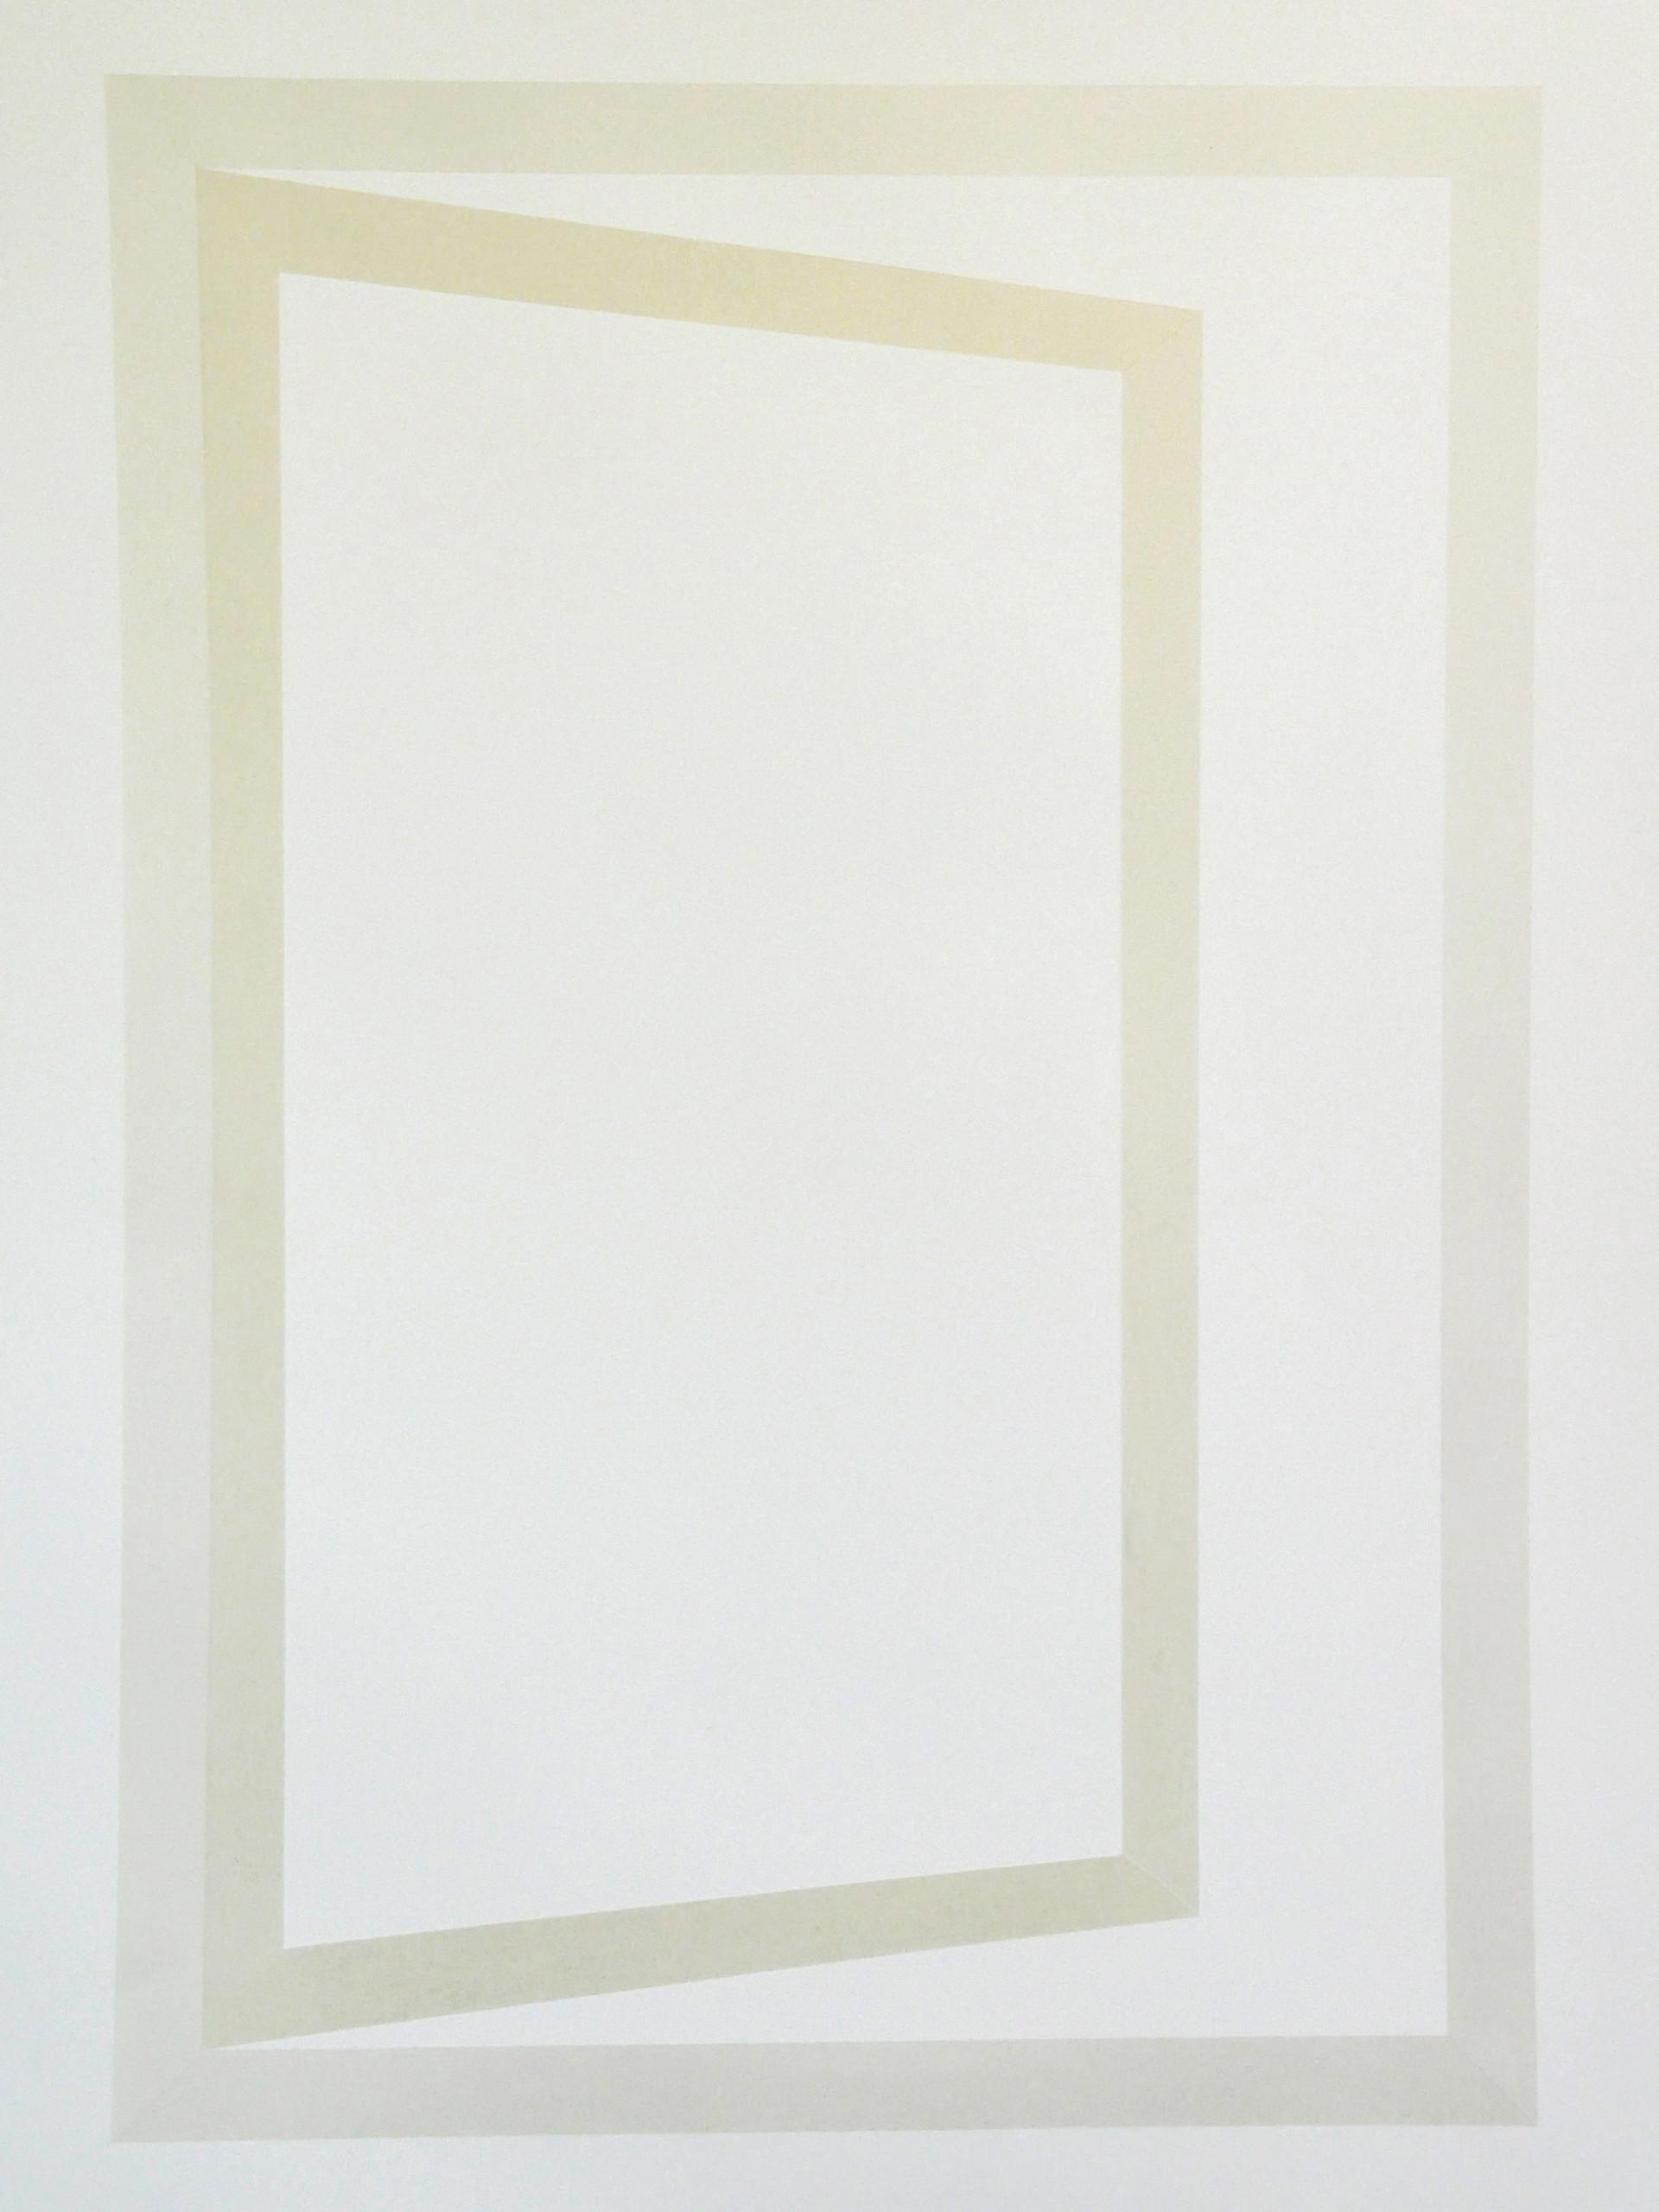 Fenster (Window)